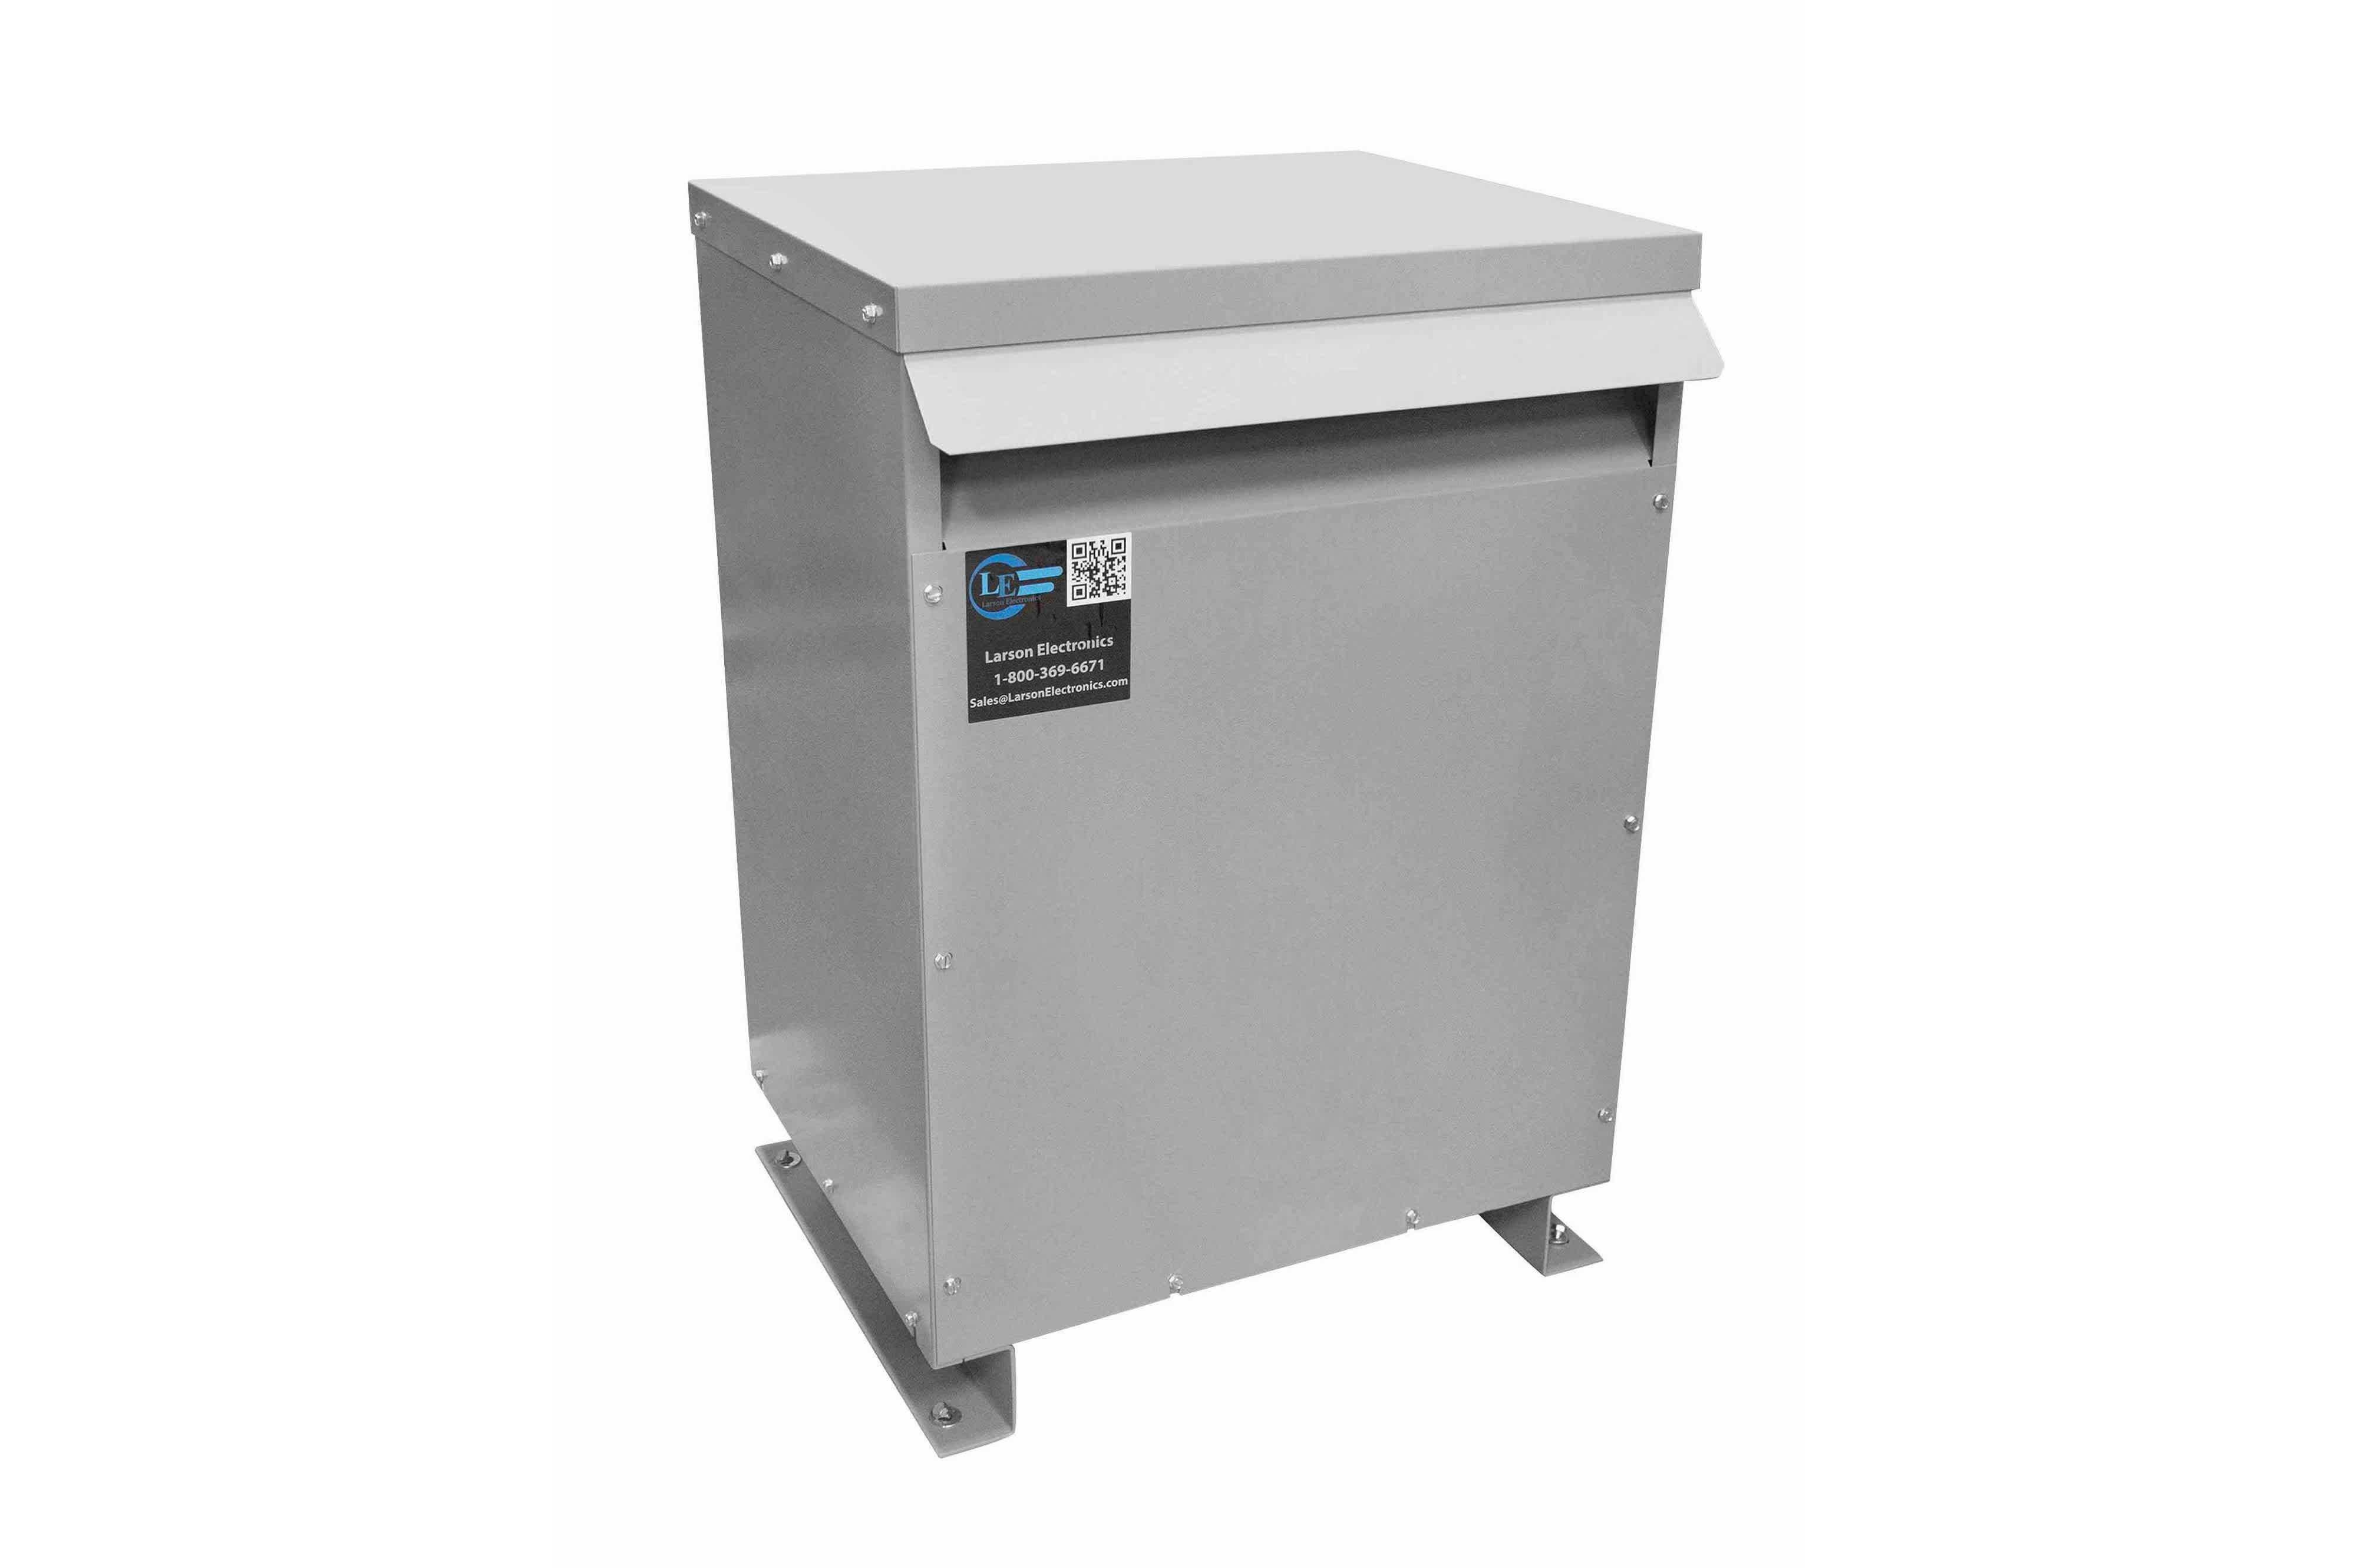 26 kVA 3PH Isolation Transformer, 480V Delta Primary, 380V Delta Secondary, N3R, Ventilated, 60 Hz